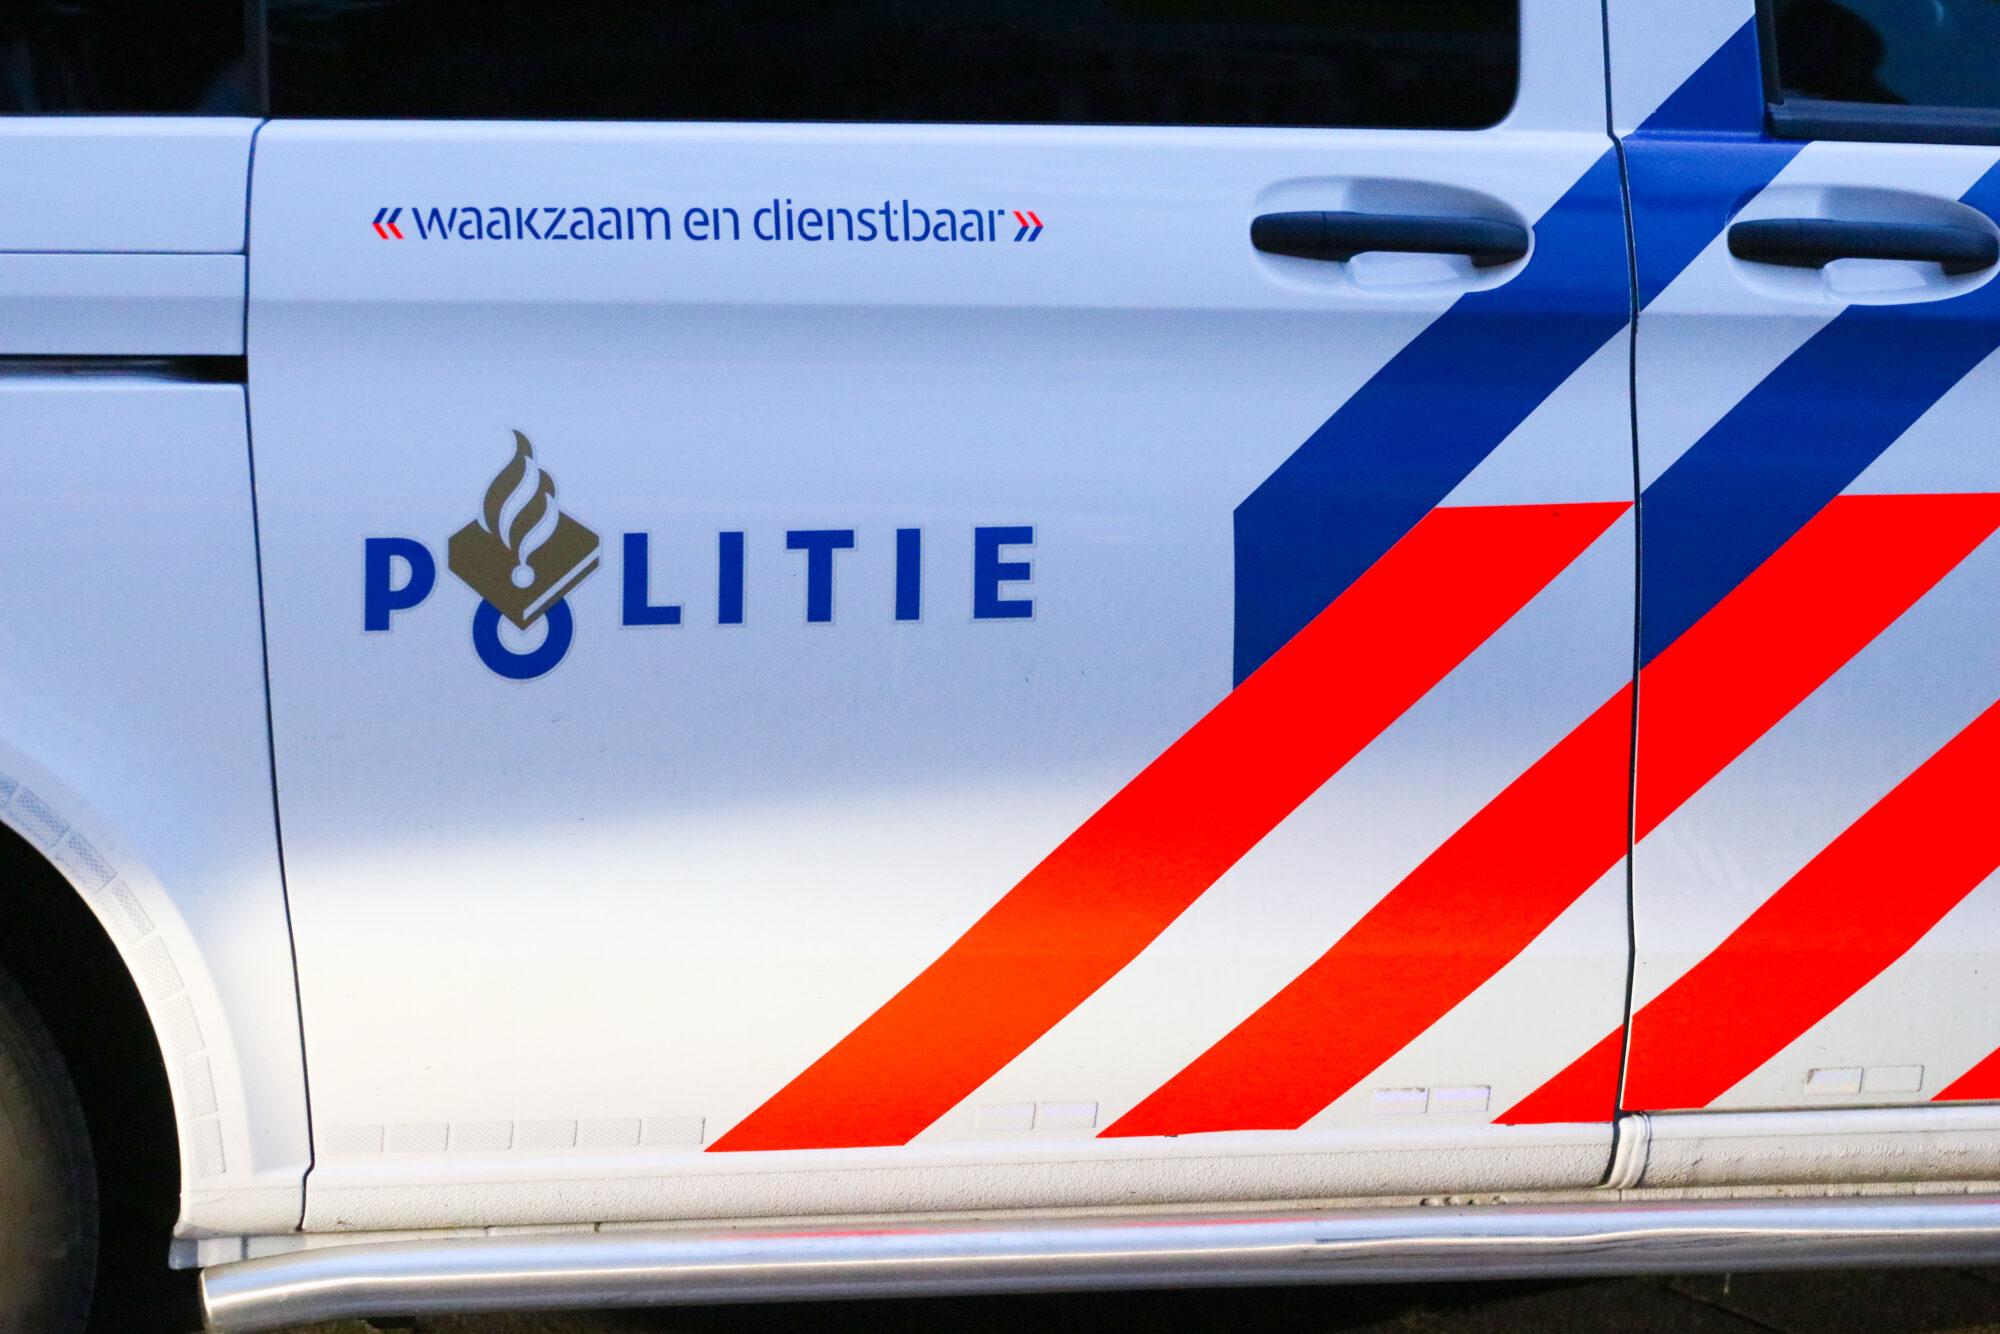 Twee lichamen gevonden in woning aan de Julianalaan in Hengelo (Gld)